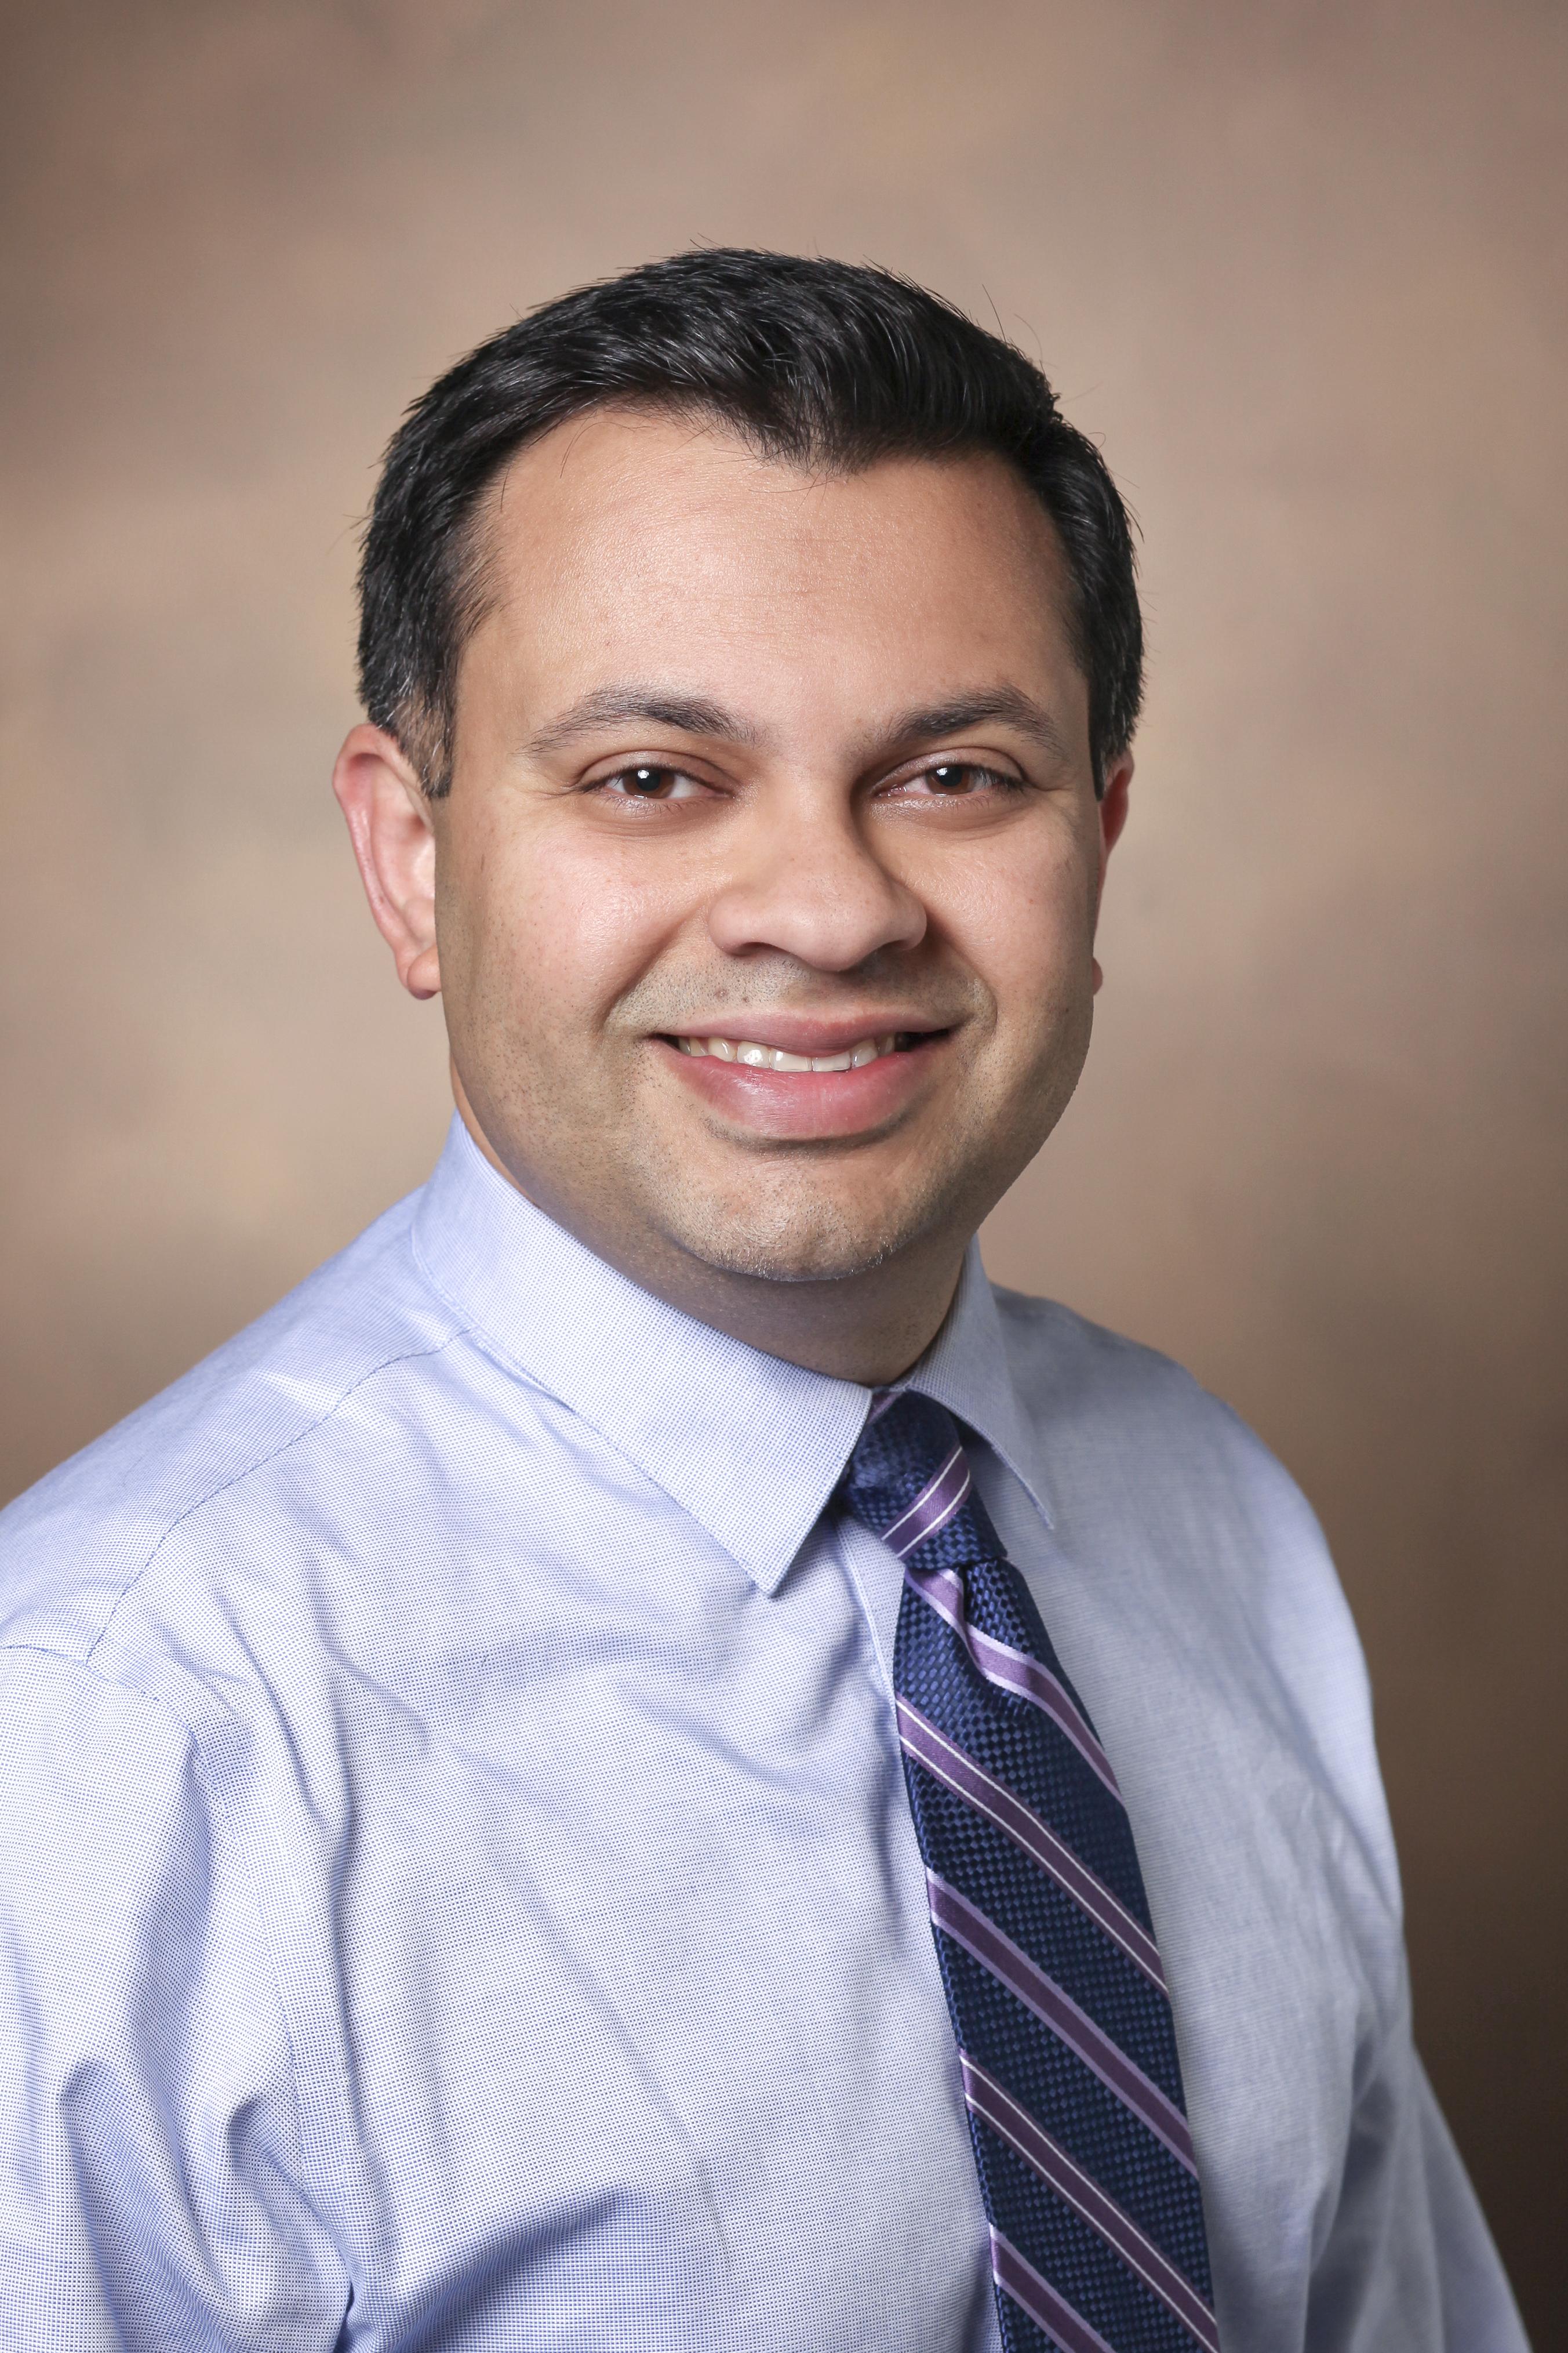 Devang J. Pastakia, MD